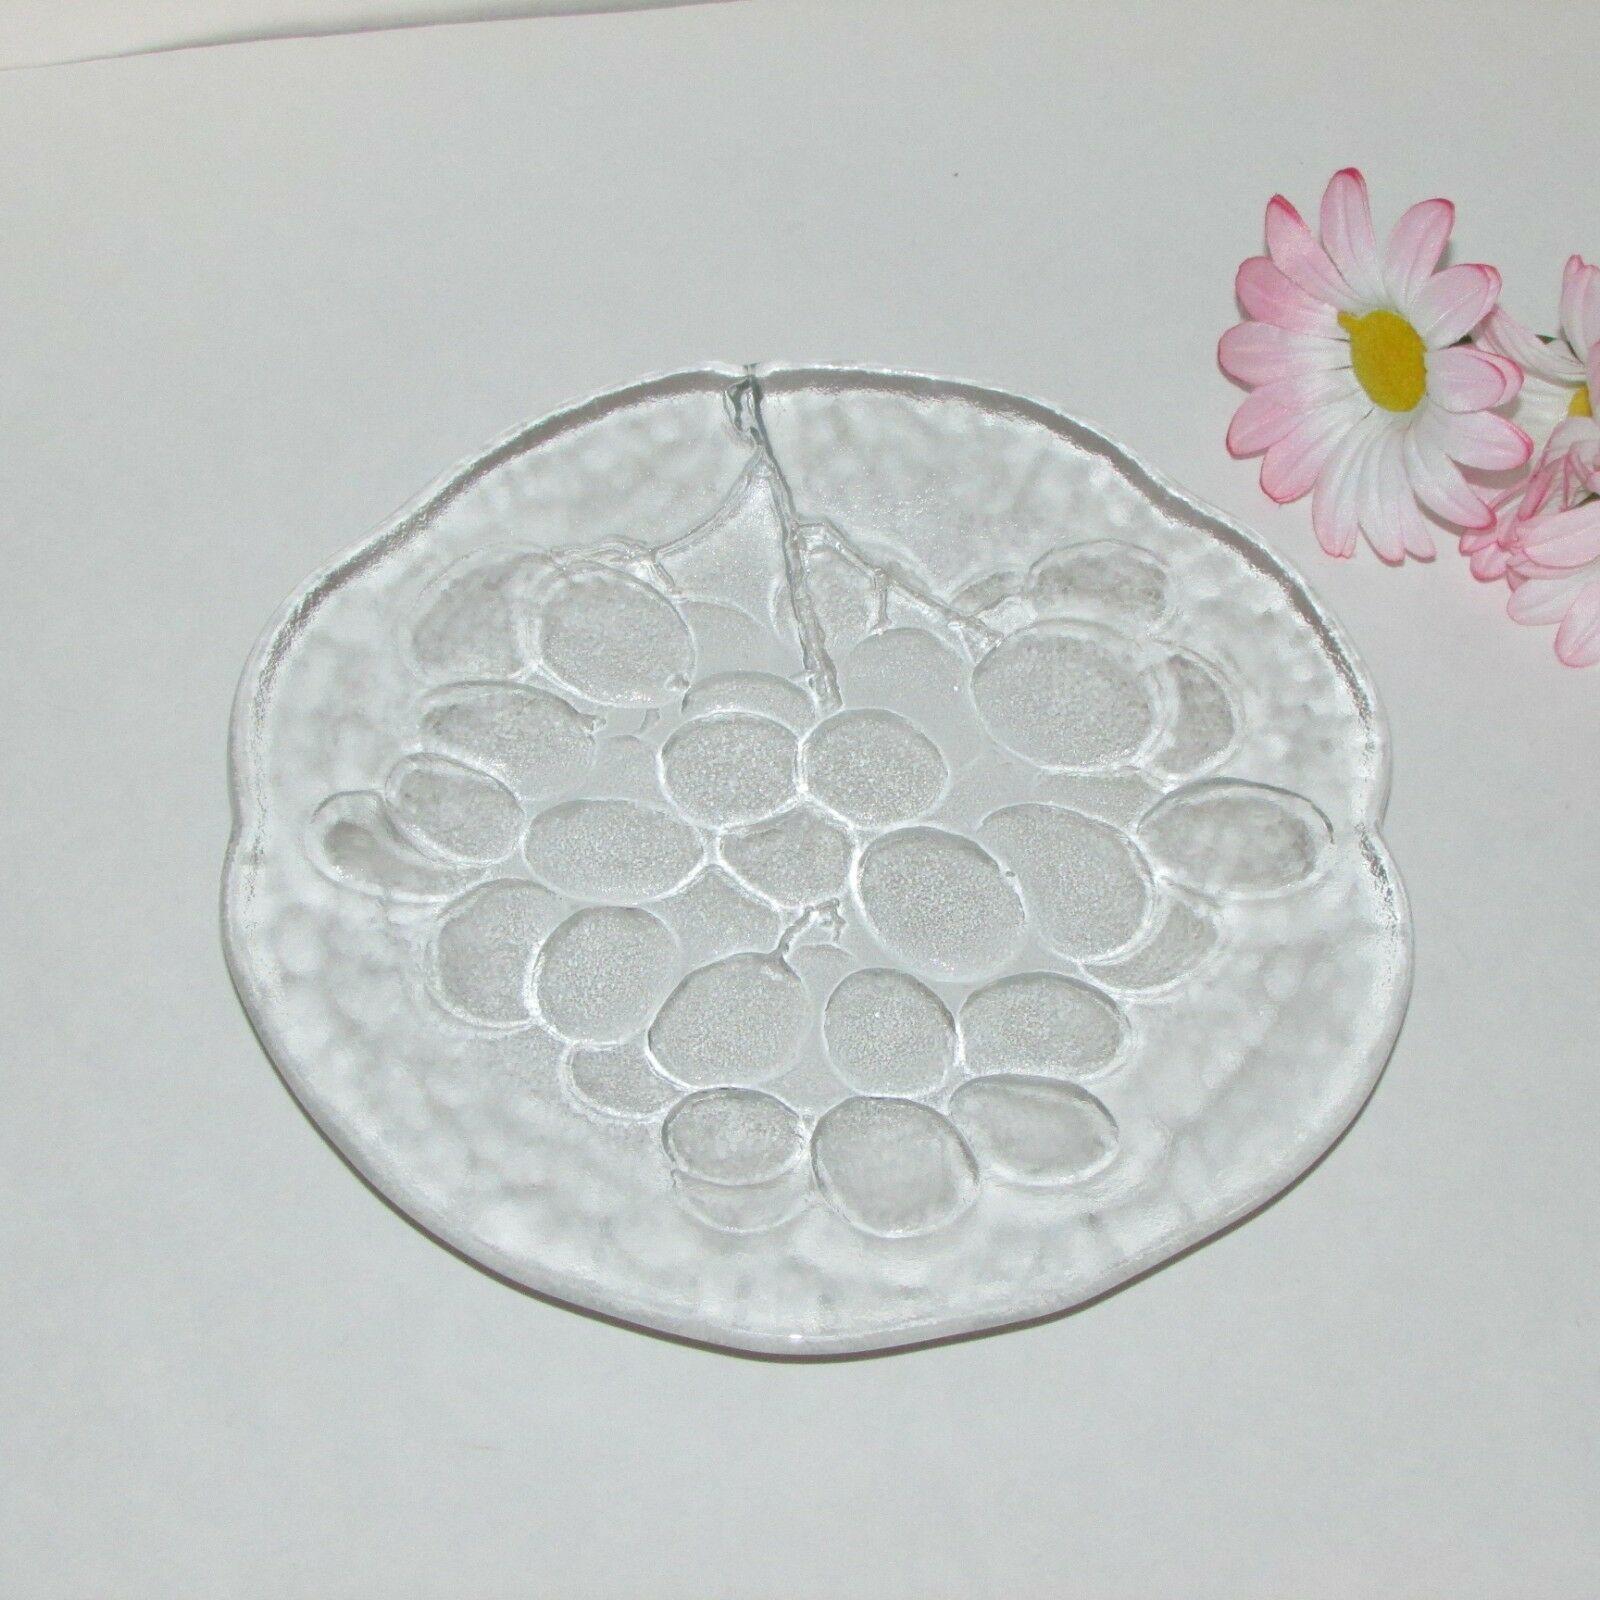 """KOSTA BODA GRAPE 7"""" CAKE PLATE DESSERT FRUIT ART GLASS SWEDEN ANN WARFF GRAPES - $19.99"""